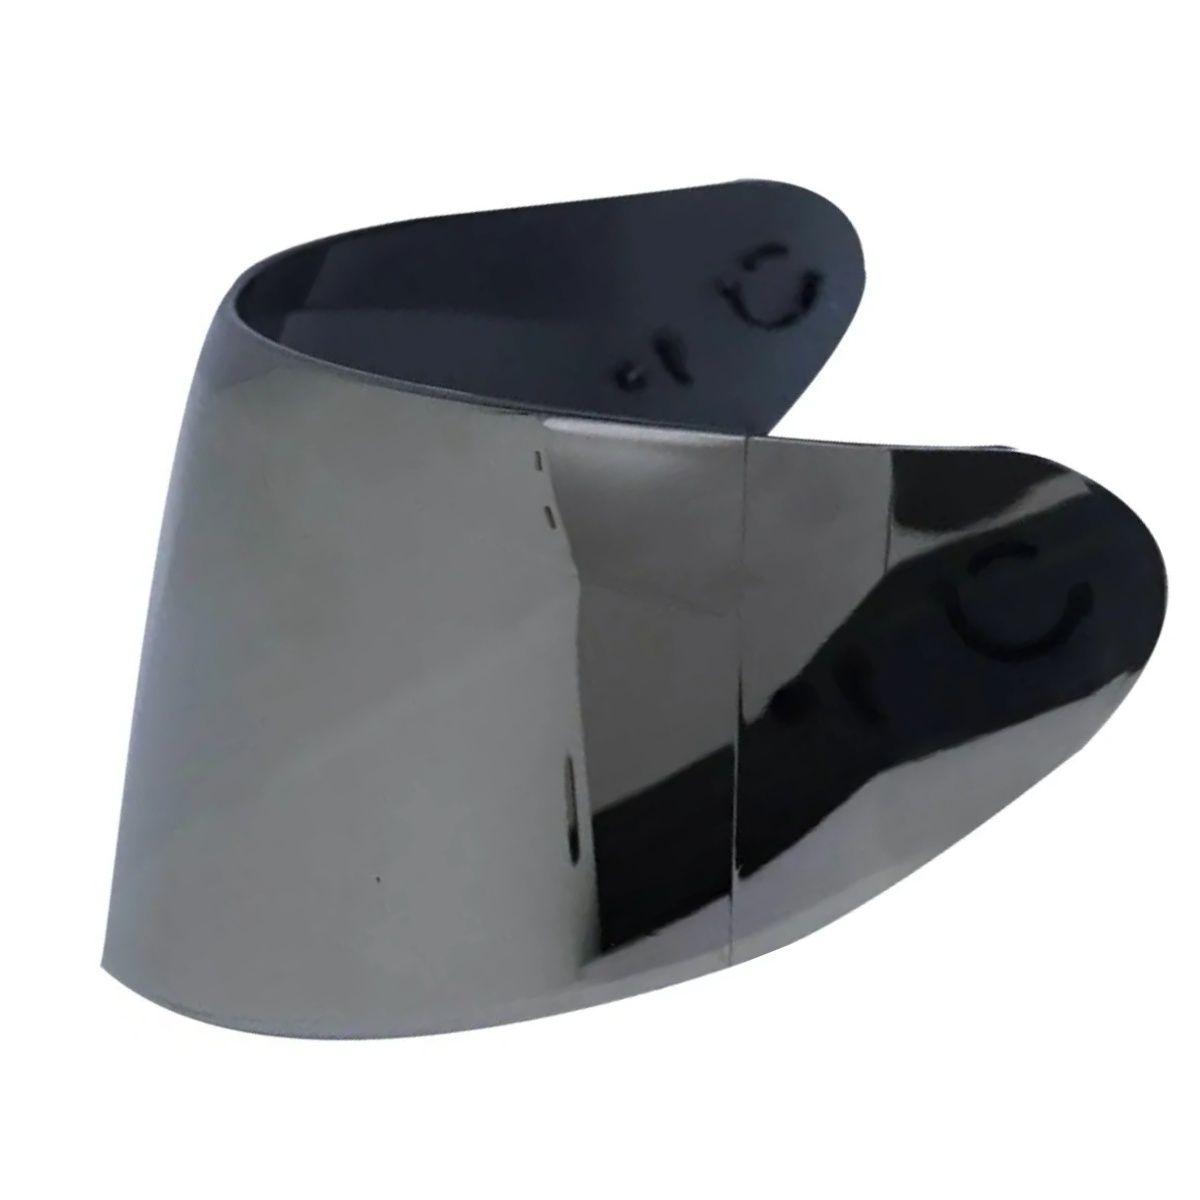 VISEIRA AXXIS EAGLE/DRAKEN IRIDIUM SILVER (METAL)  V18